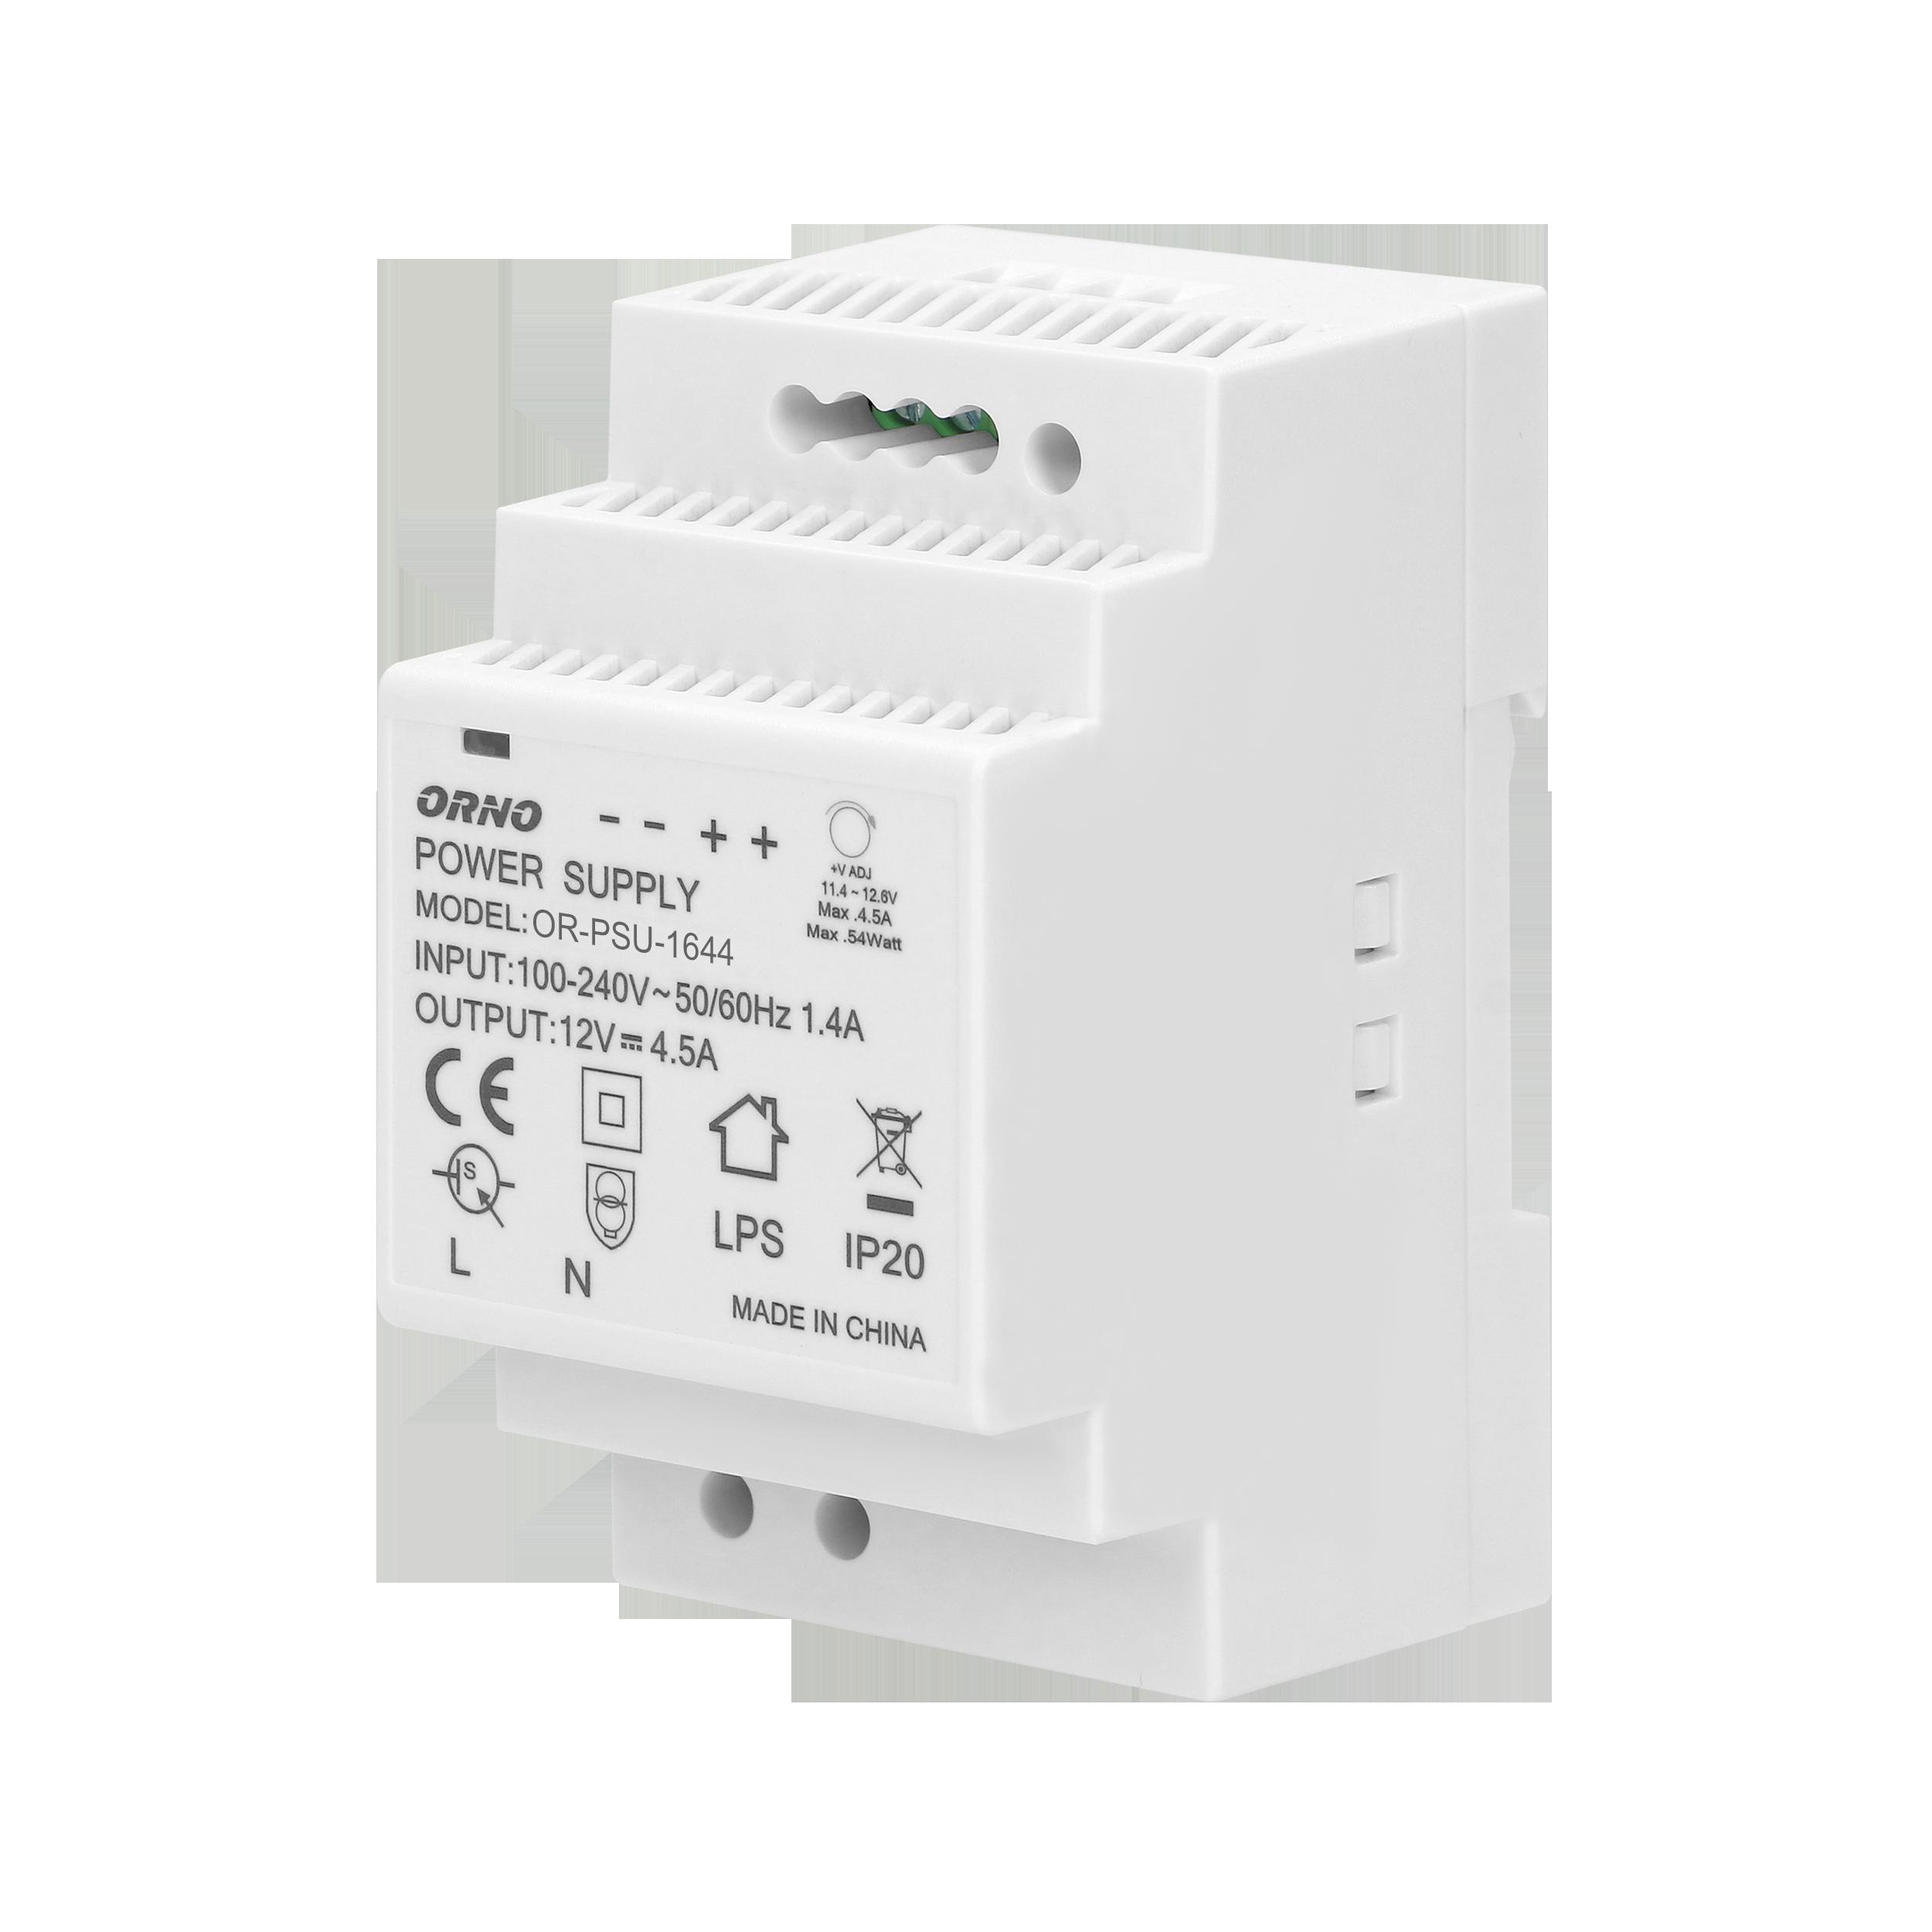 Zasilacz na szynę DIN 12VDC, 4,5A, 54W, szerokość 3 moduły